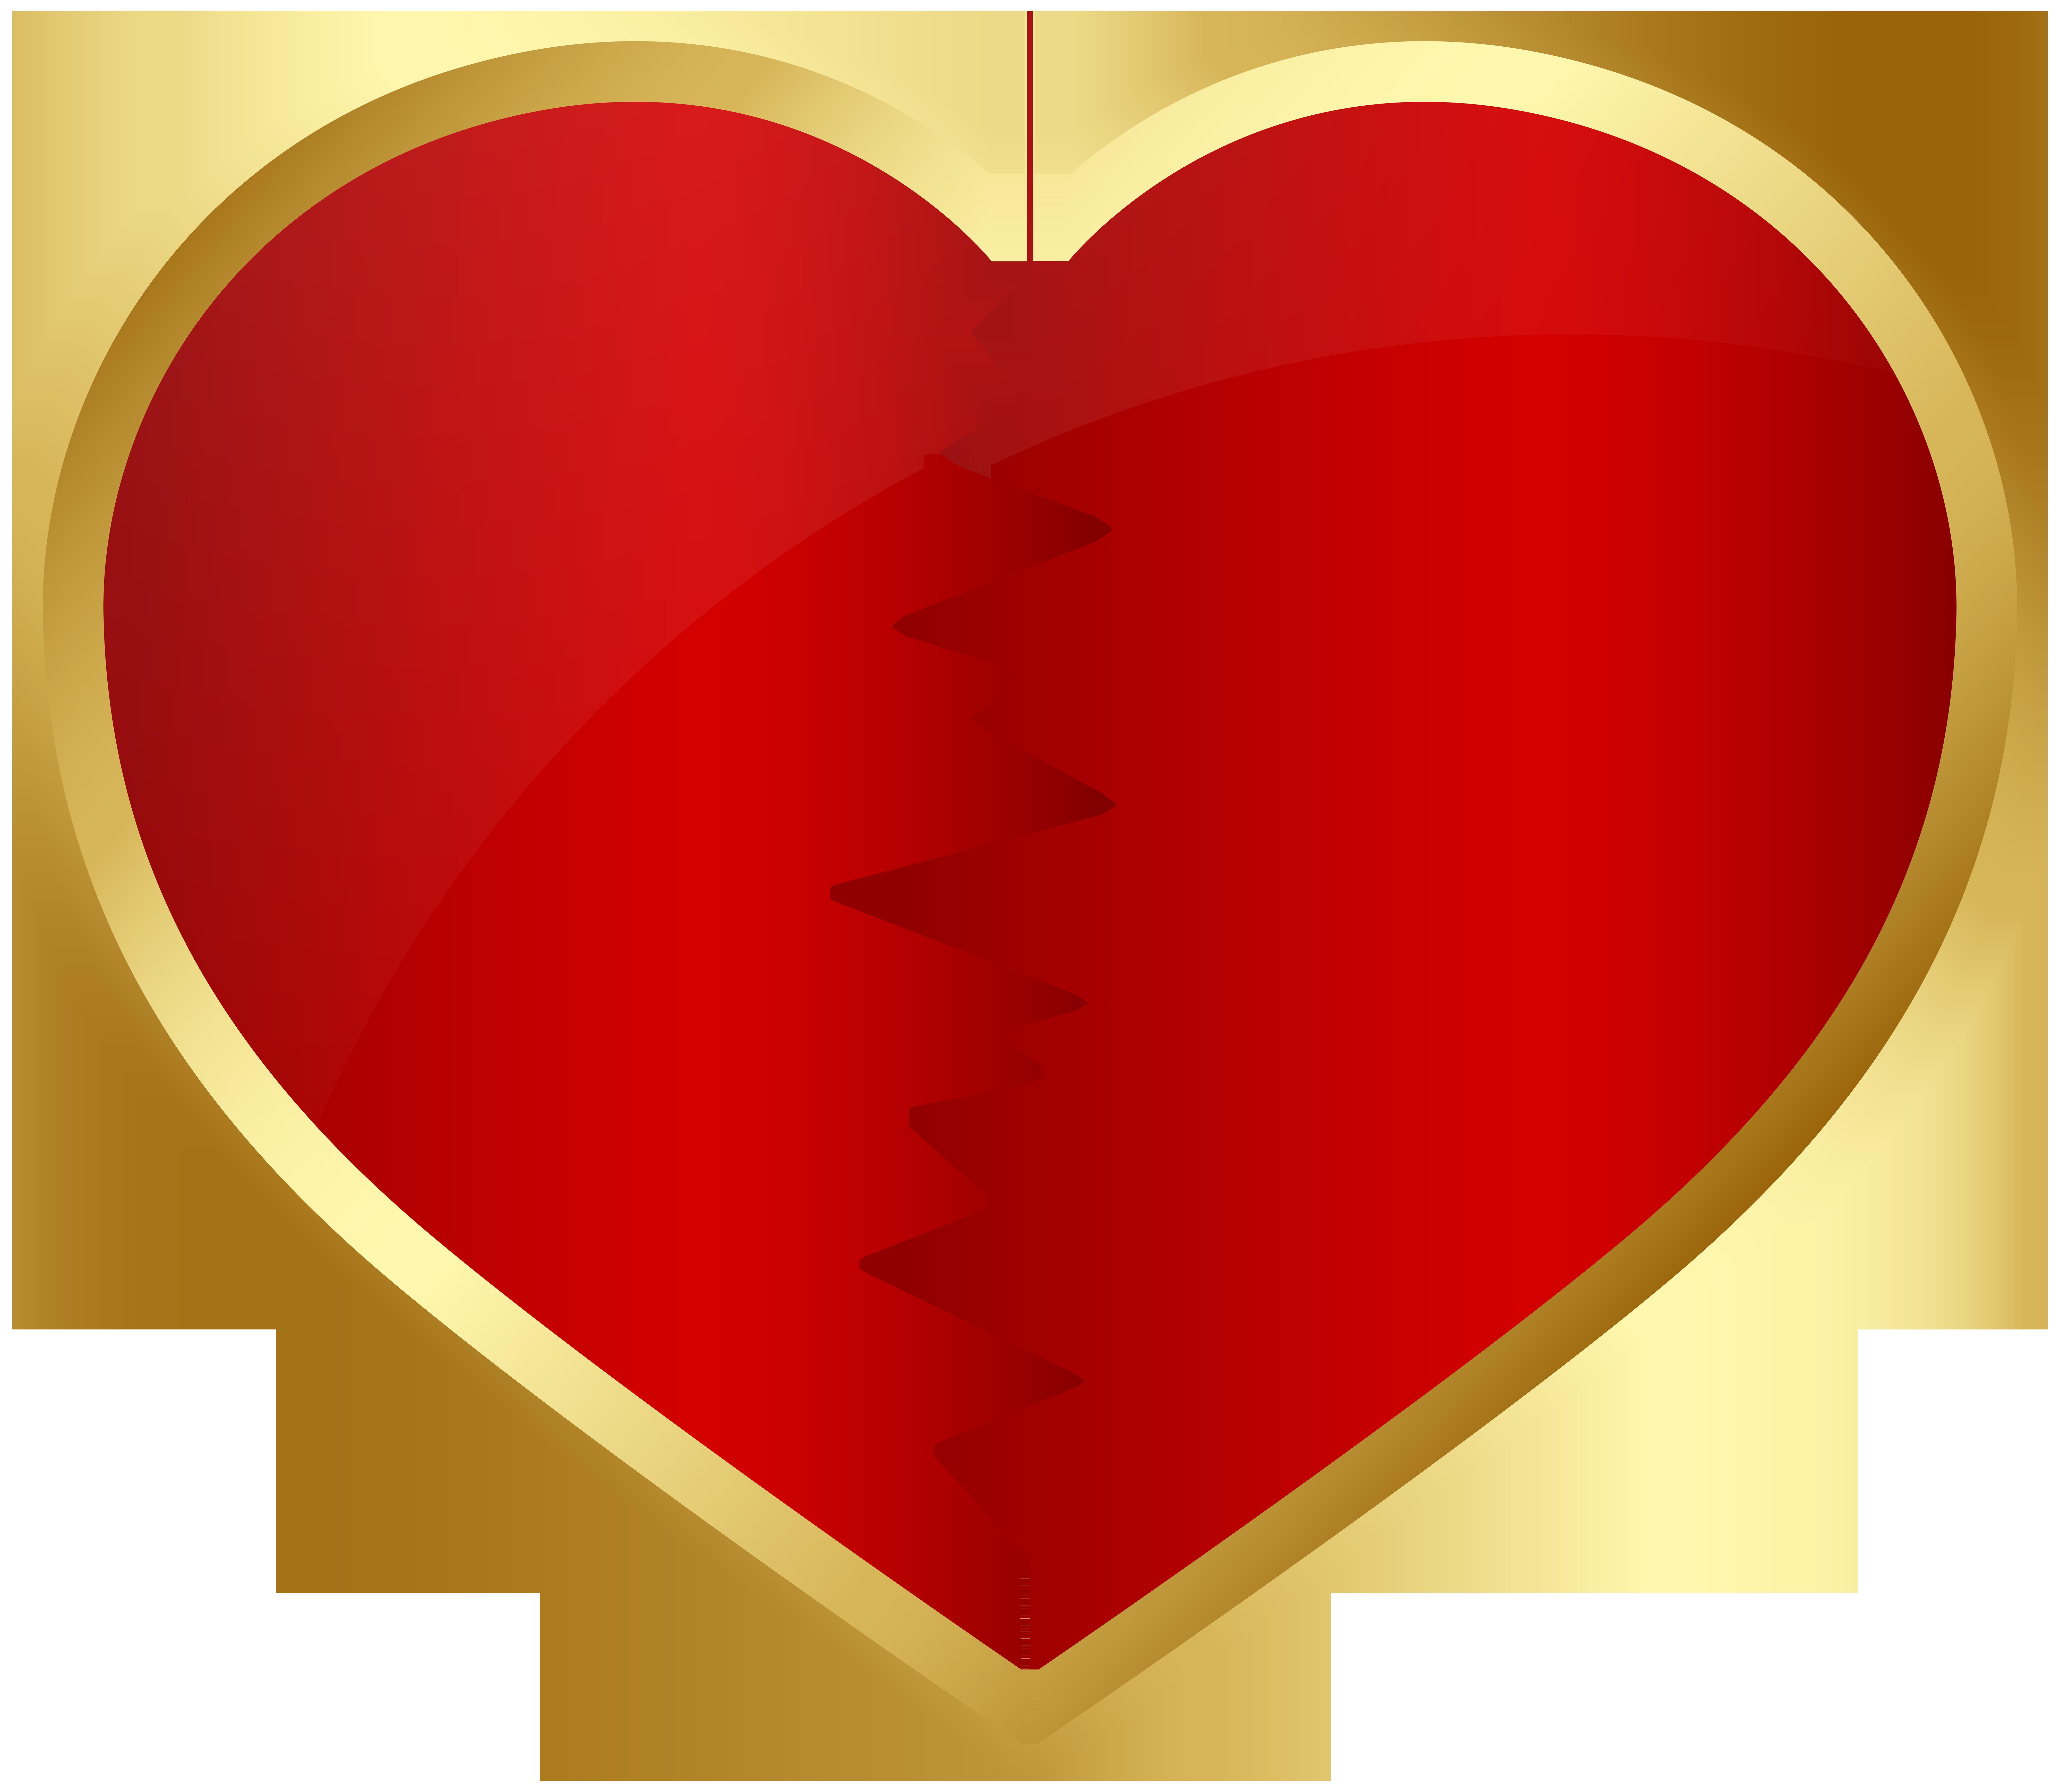 Piano clipart broken. Heart transparent clip art